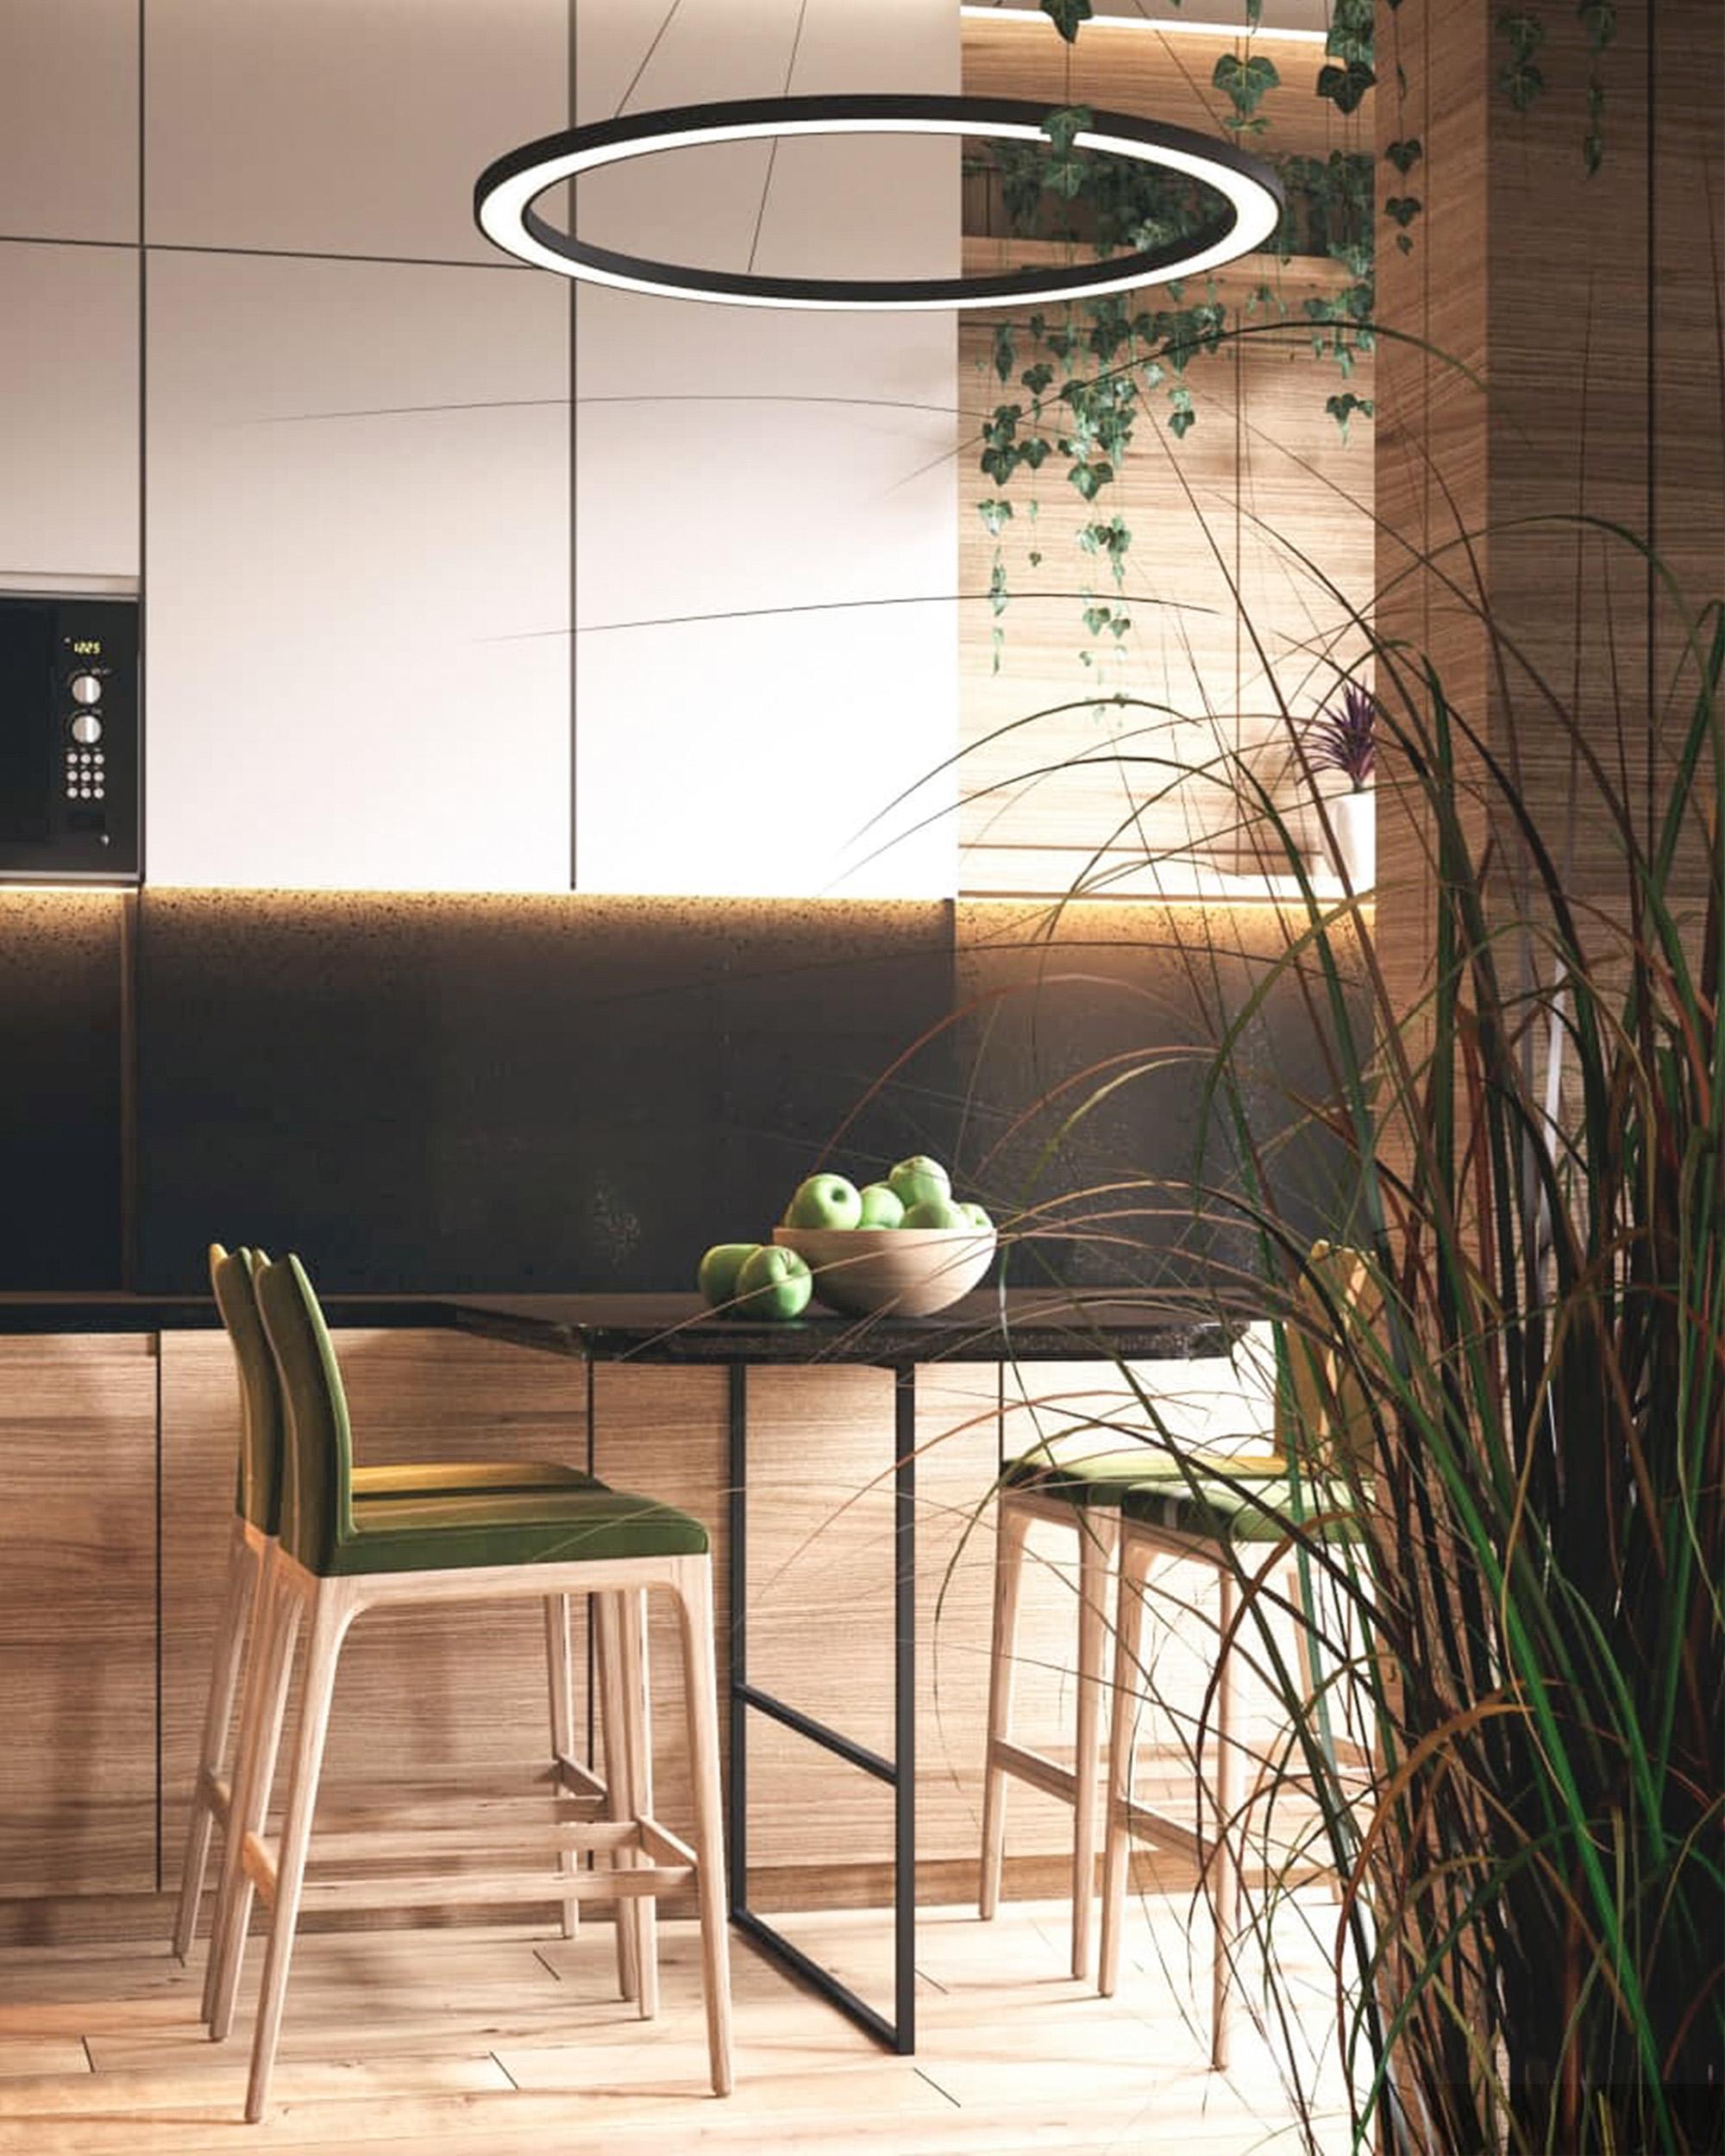 сучасний дизайн інтер'єру кухні в ЖК Меридіан